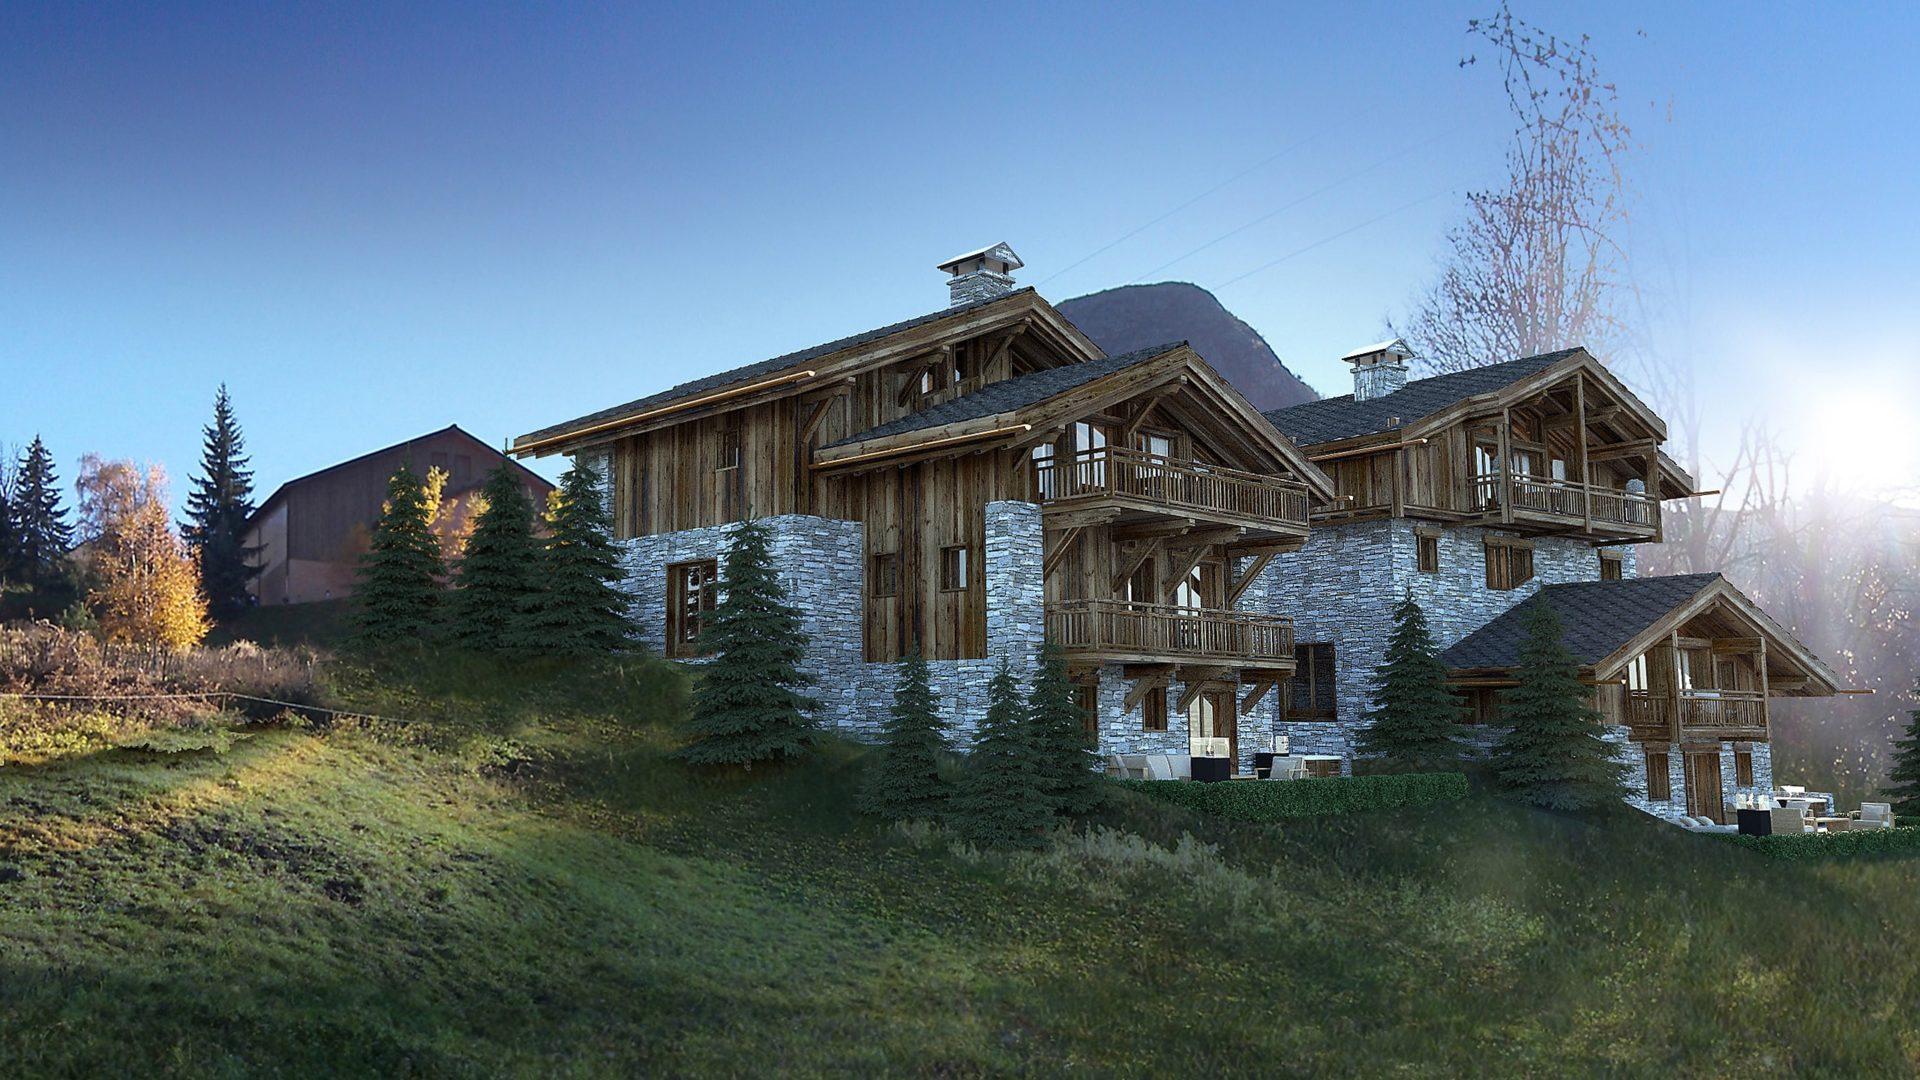 Les Chalets du Nant du Four / Chalet Opale Perspective 3 / Saint Martin de Belleville, Savoie